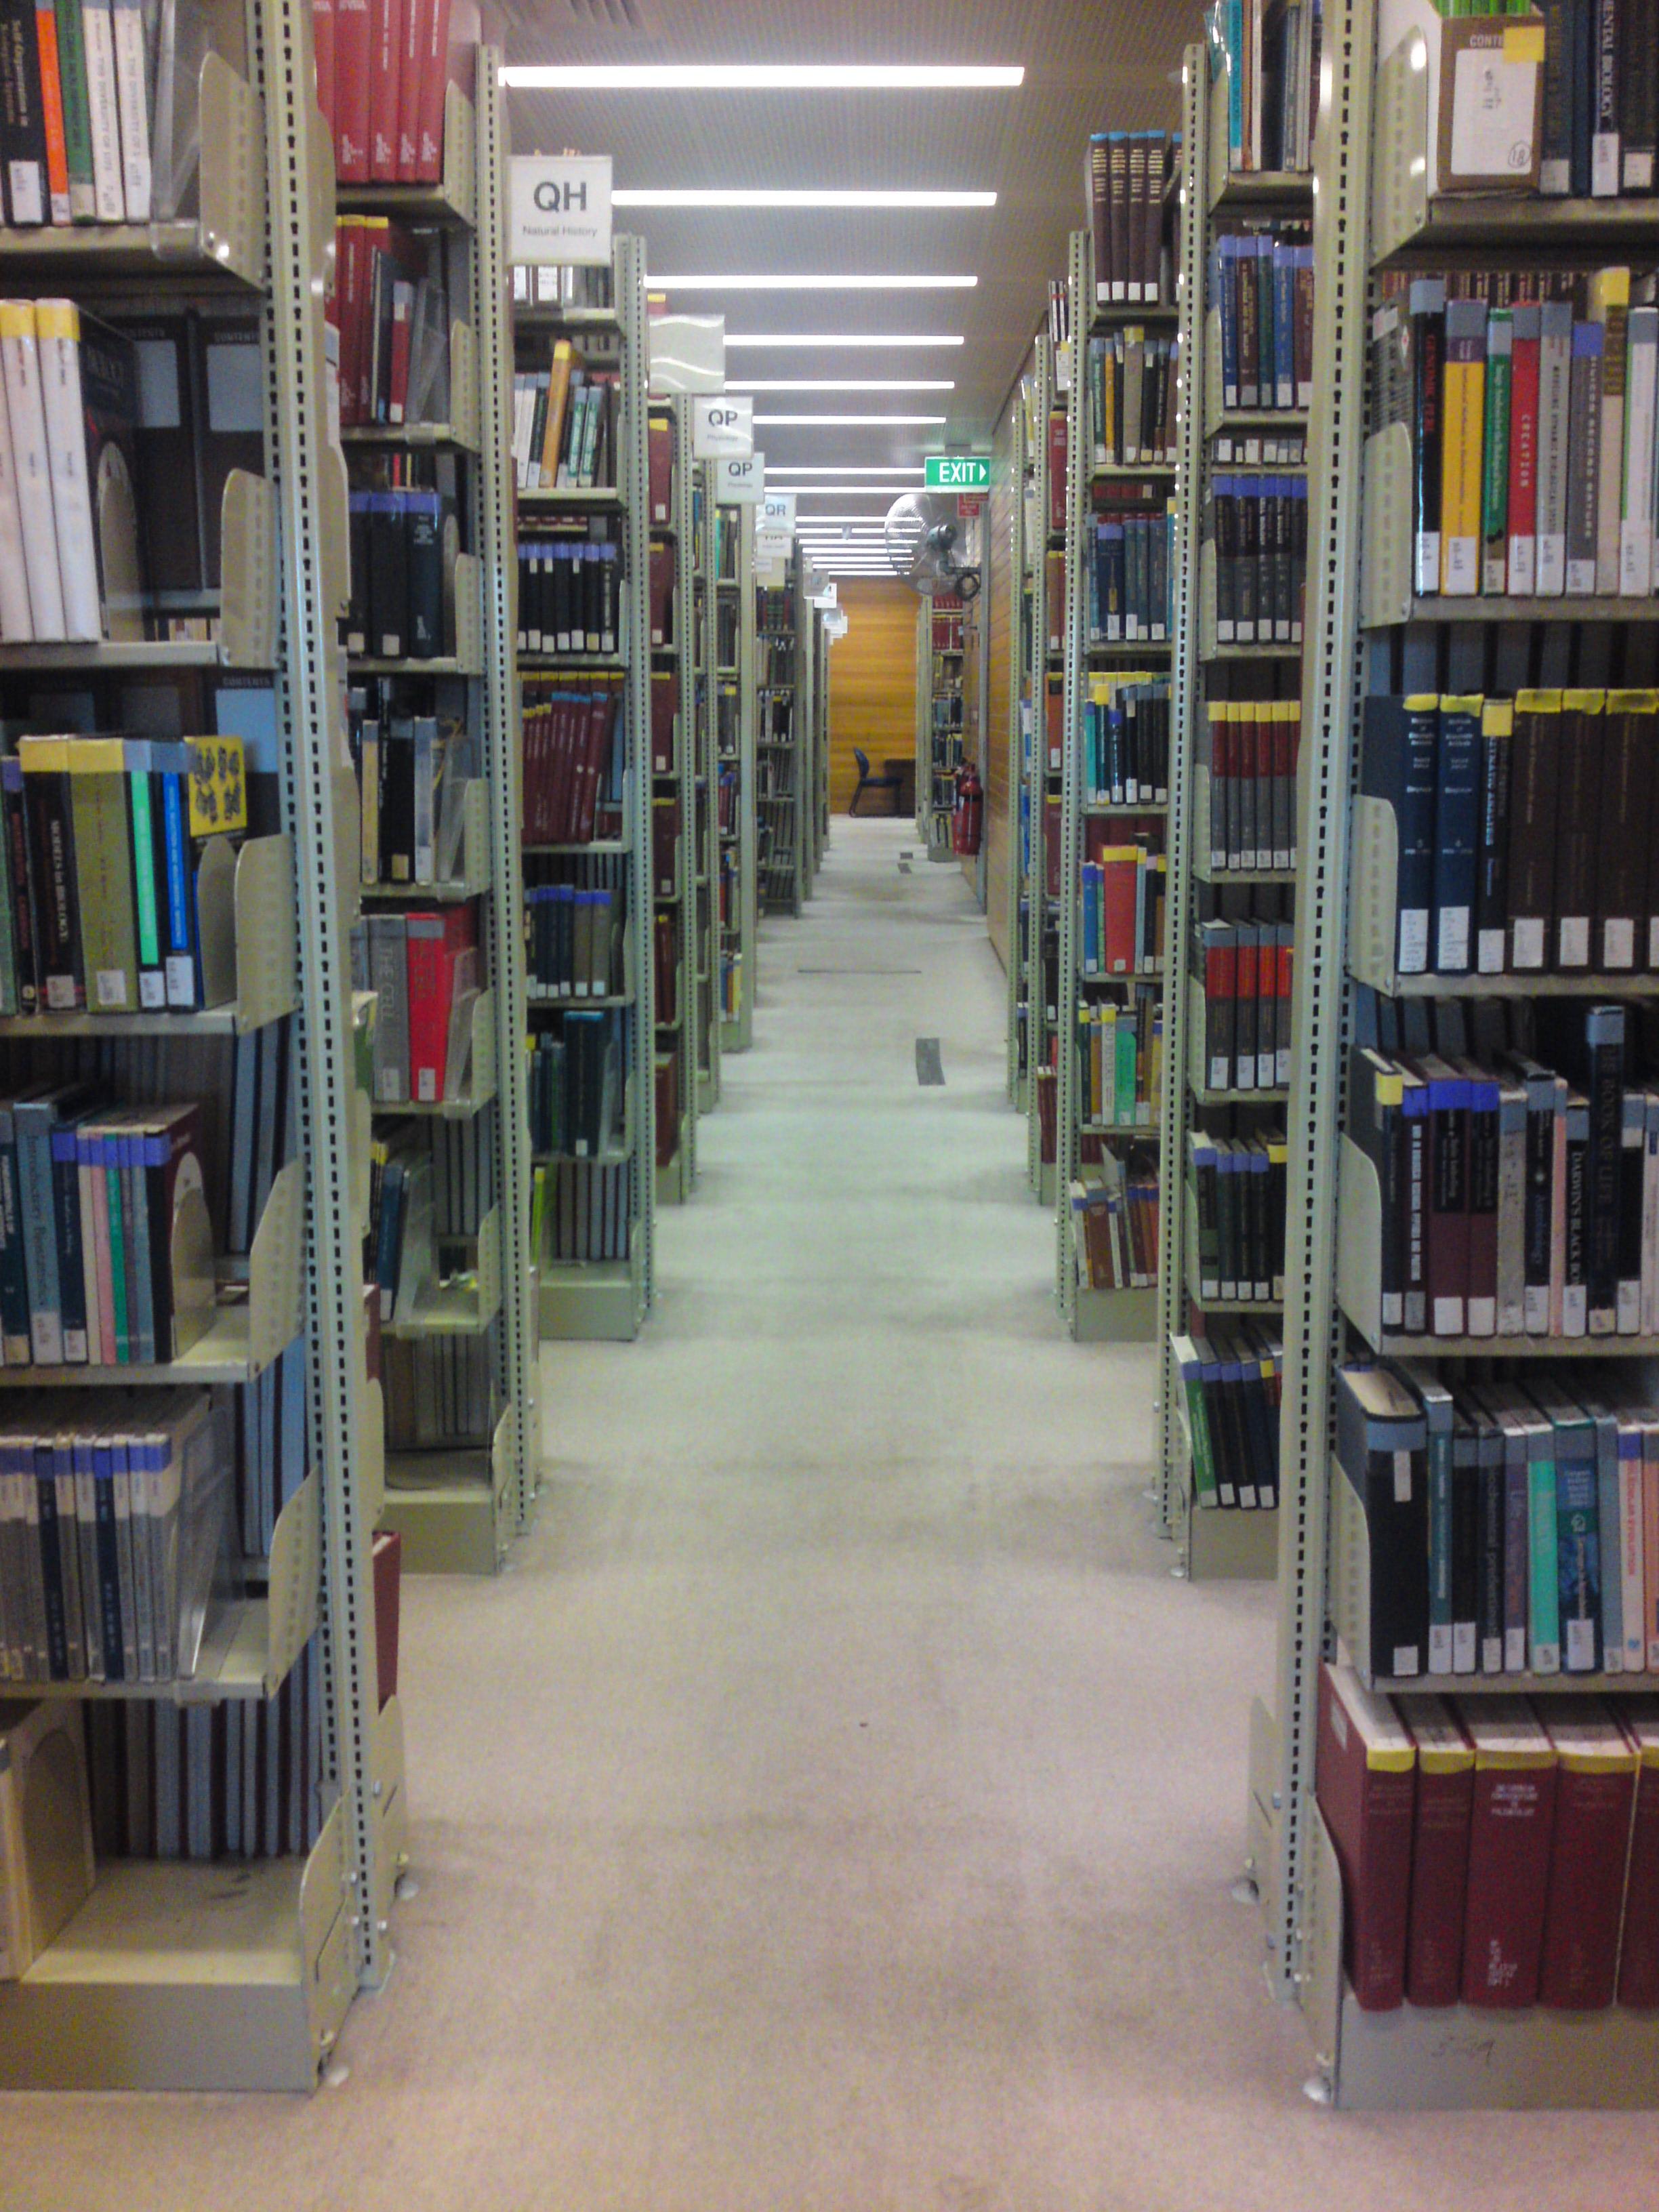 fileold library bookshelves macquarie universityjpg - Library Bookshelves